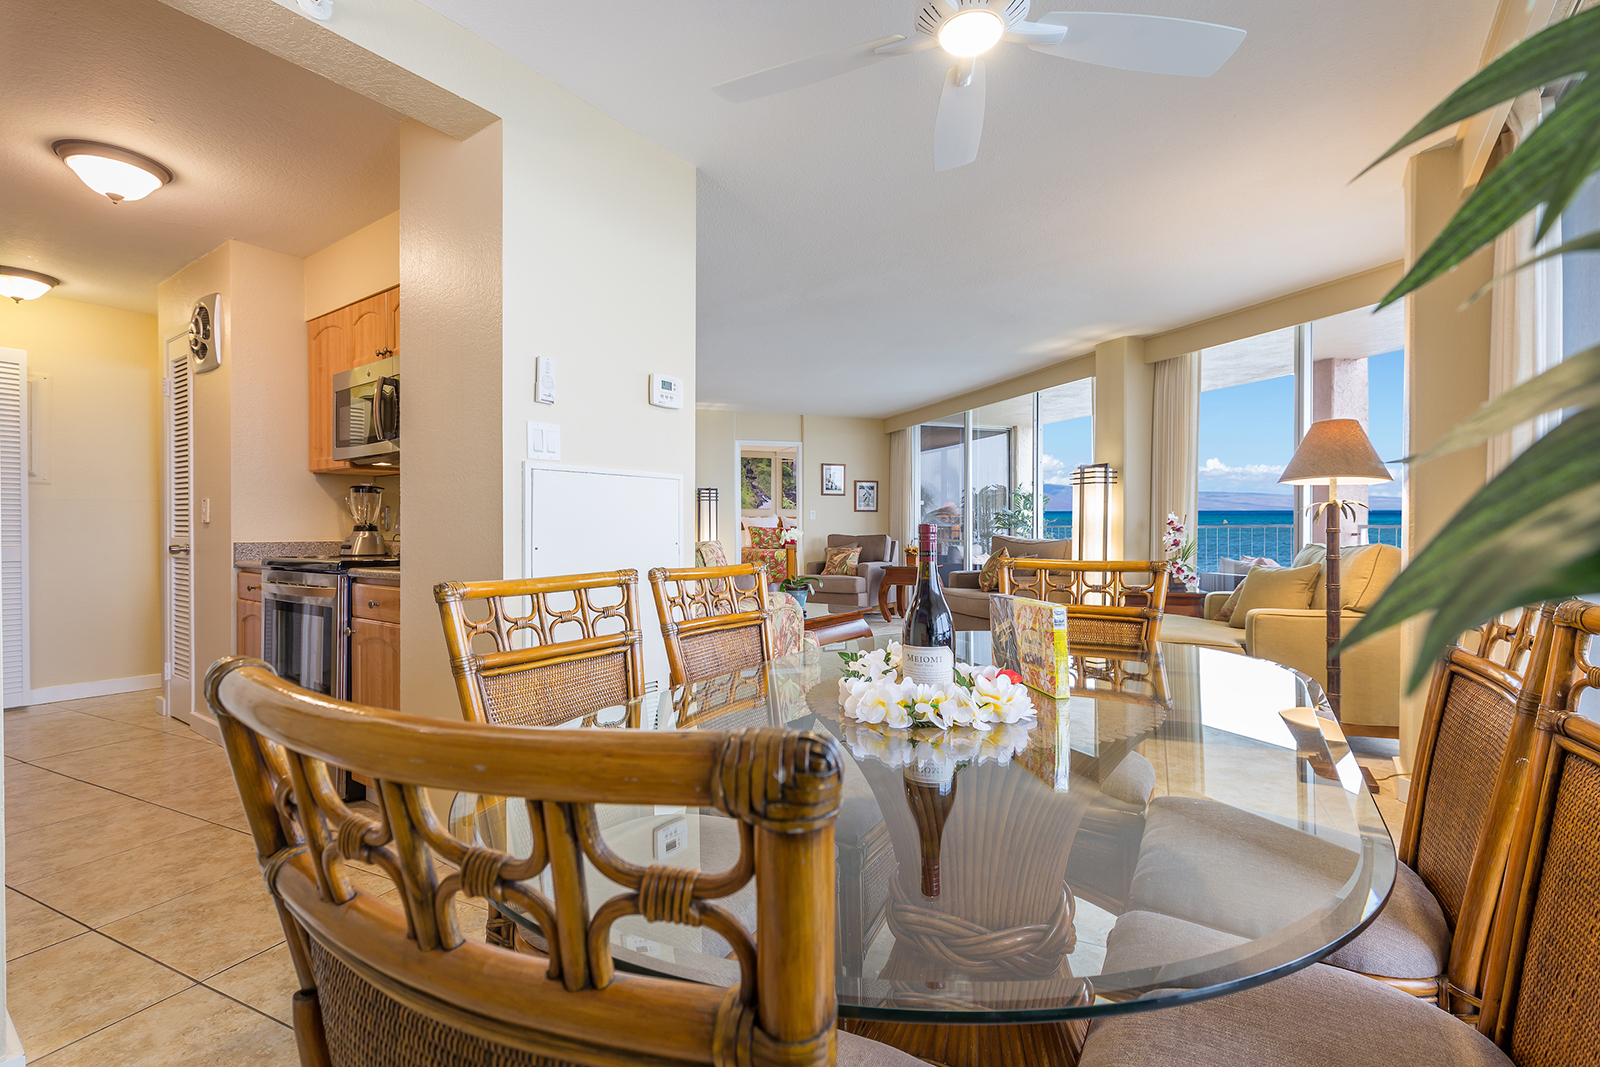 Royal-Kahana-Maui-Beach-Resort-Condos-RK510-2693.jpg